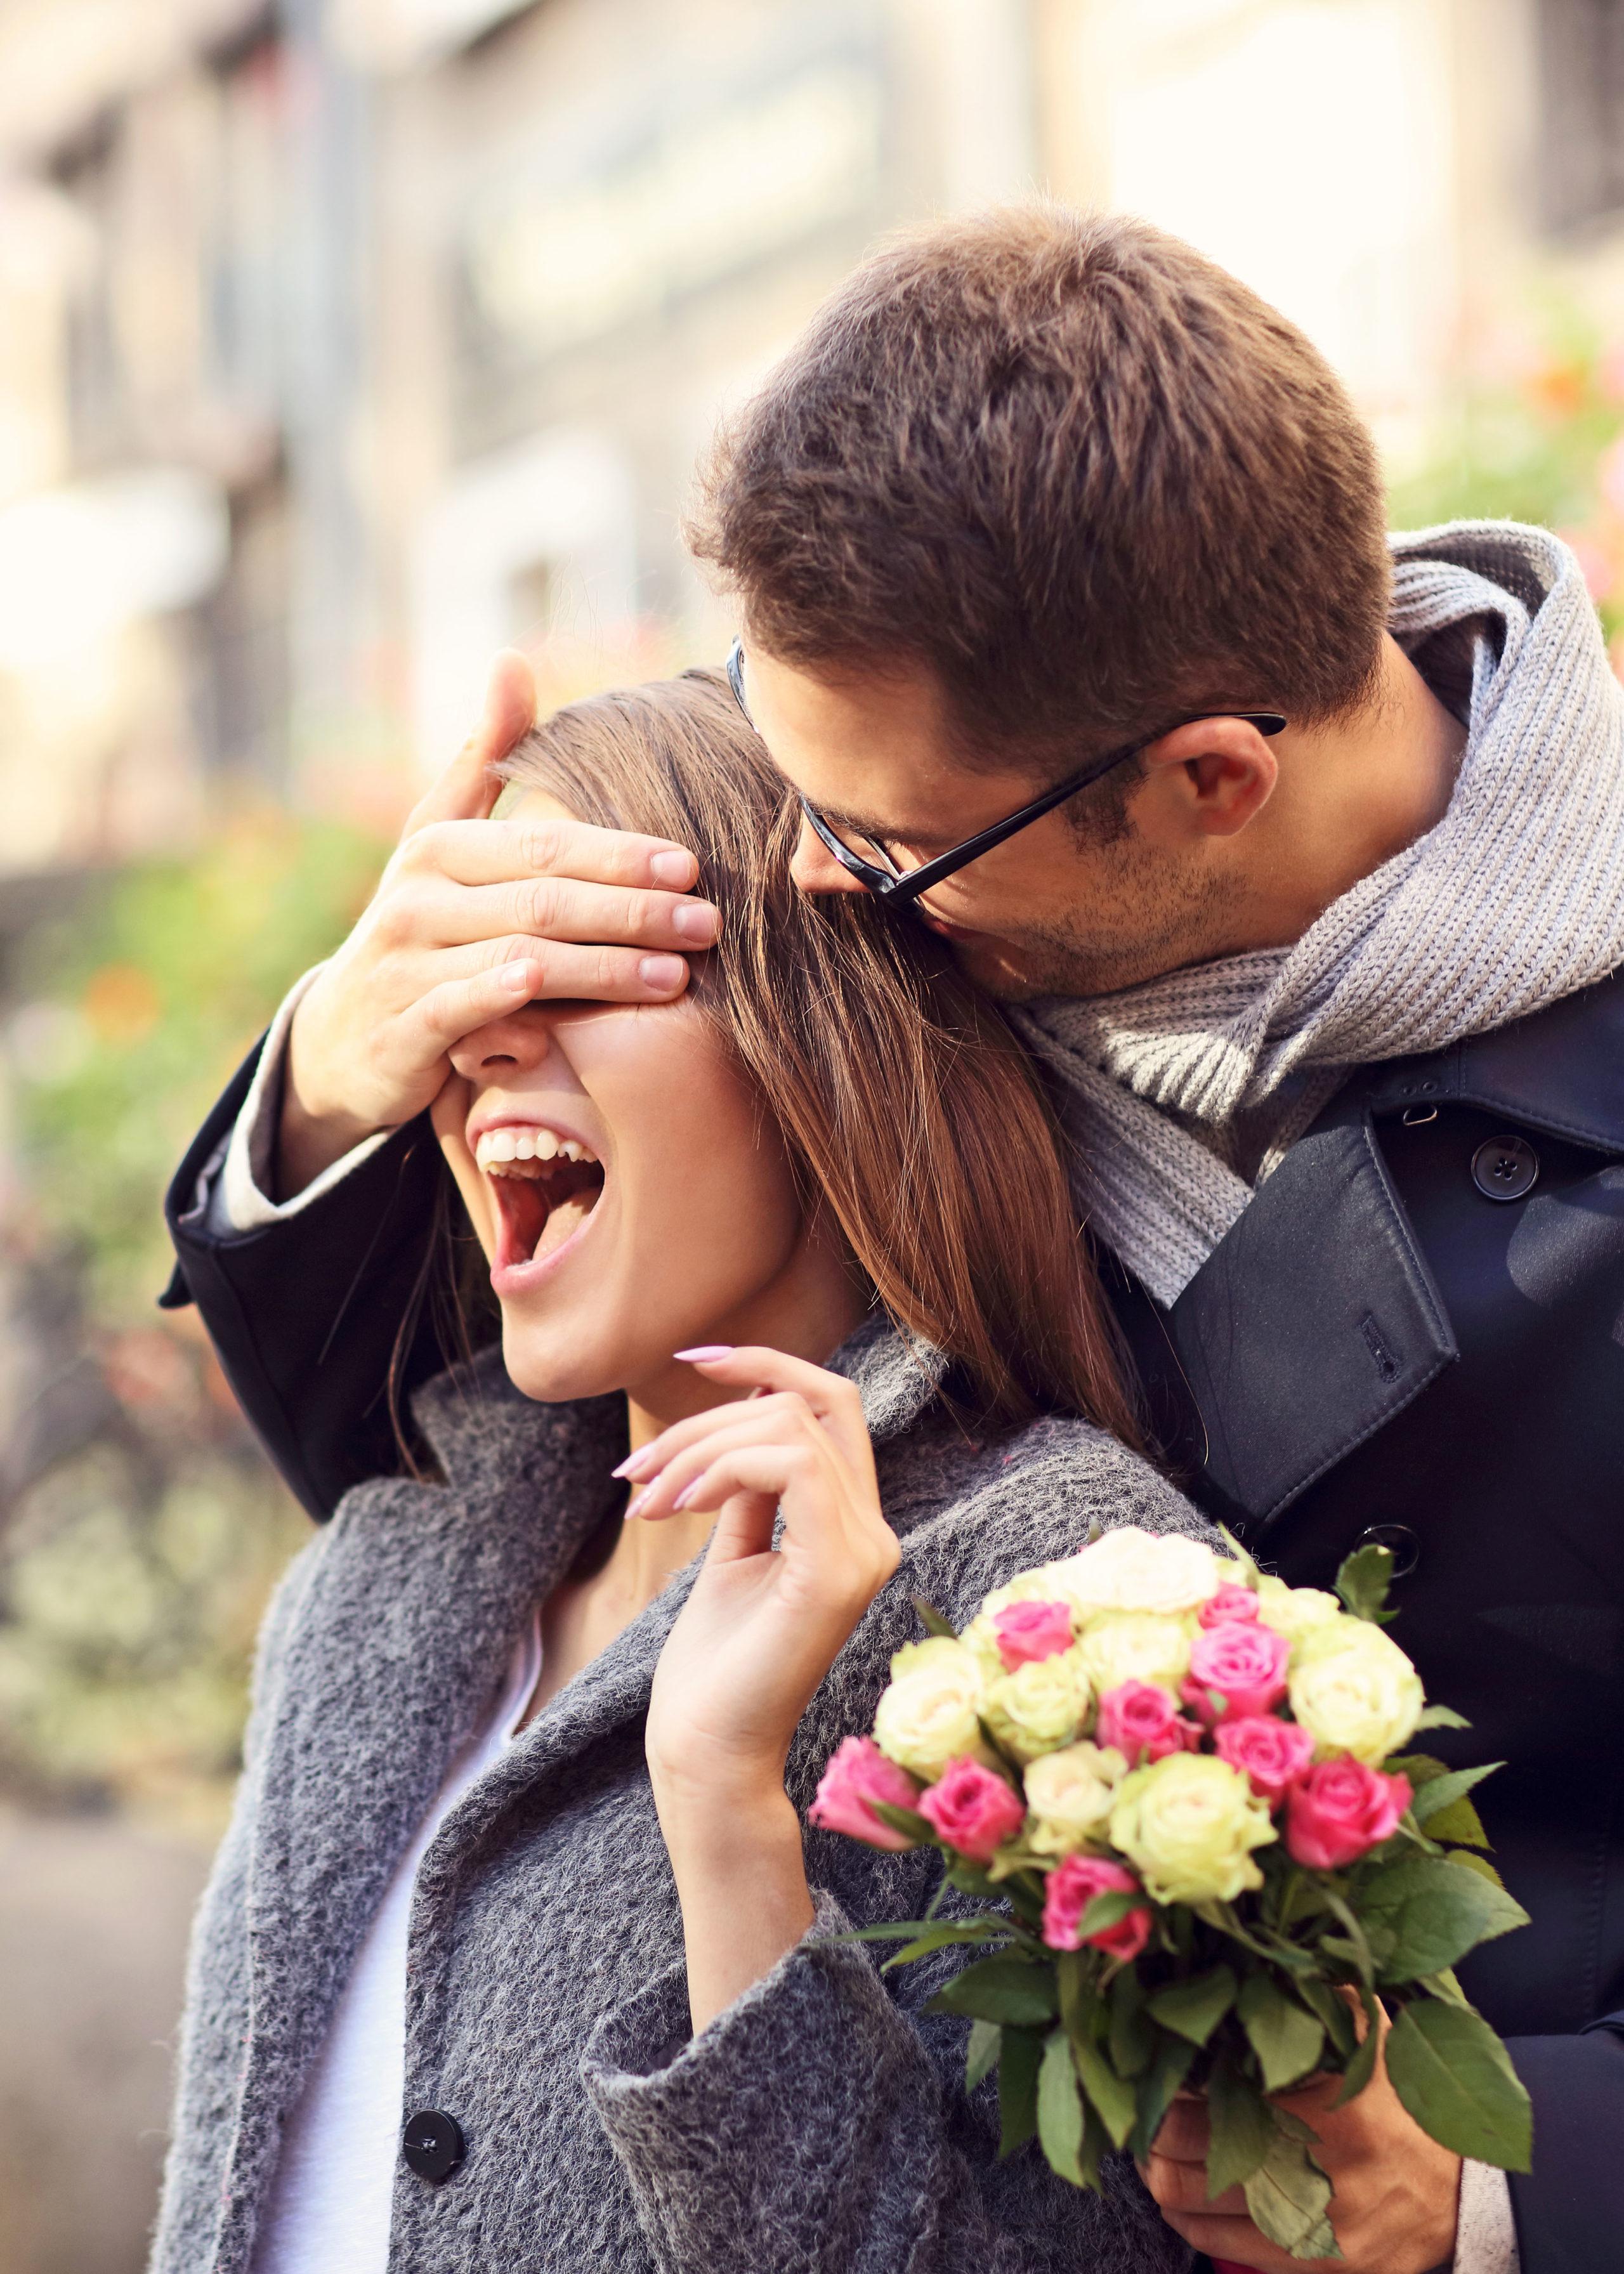 Bei einem romantischen Kurzurlaub können frisch Verliebte ihre junge Beziehung beflügeln.